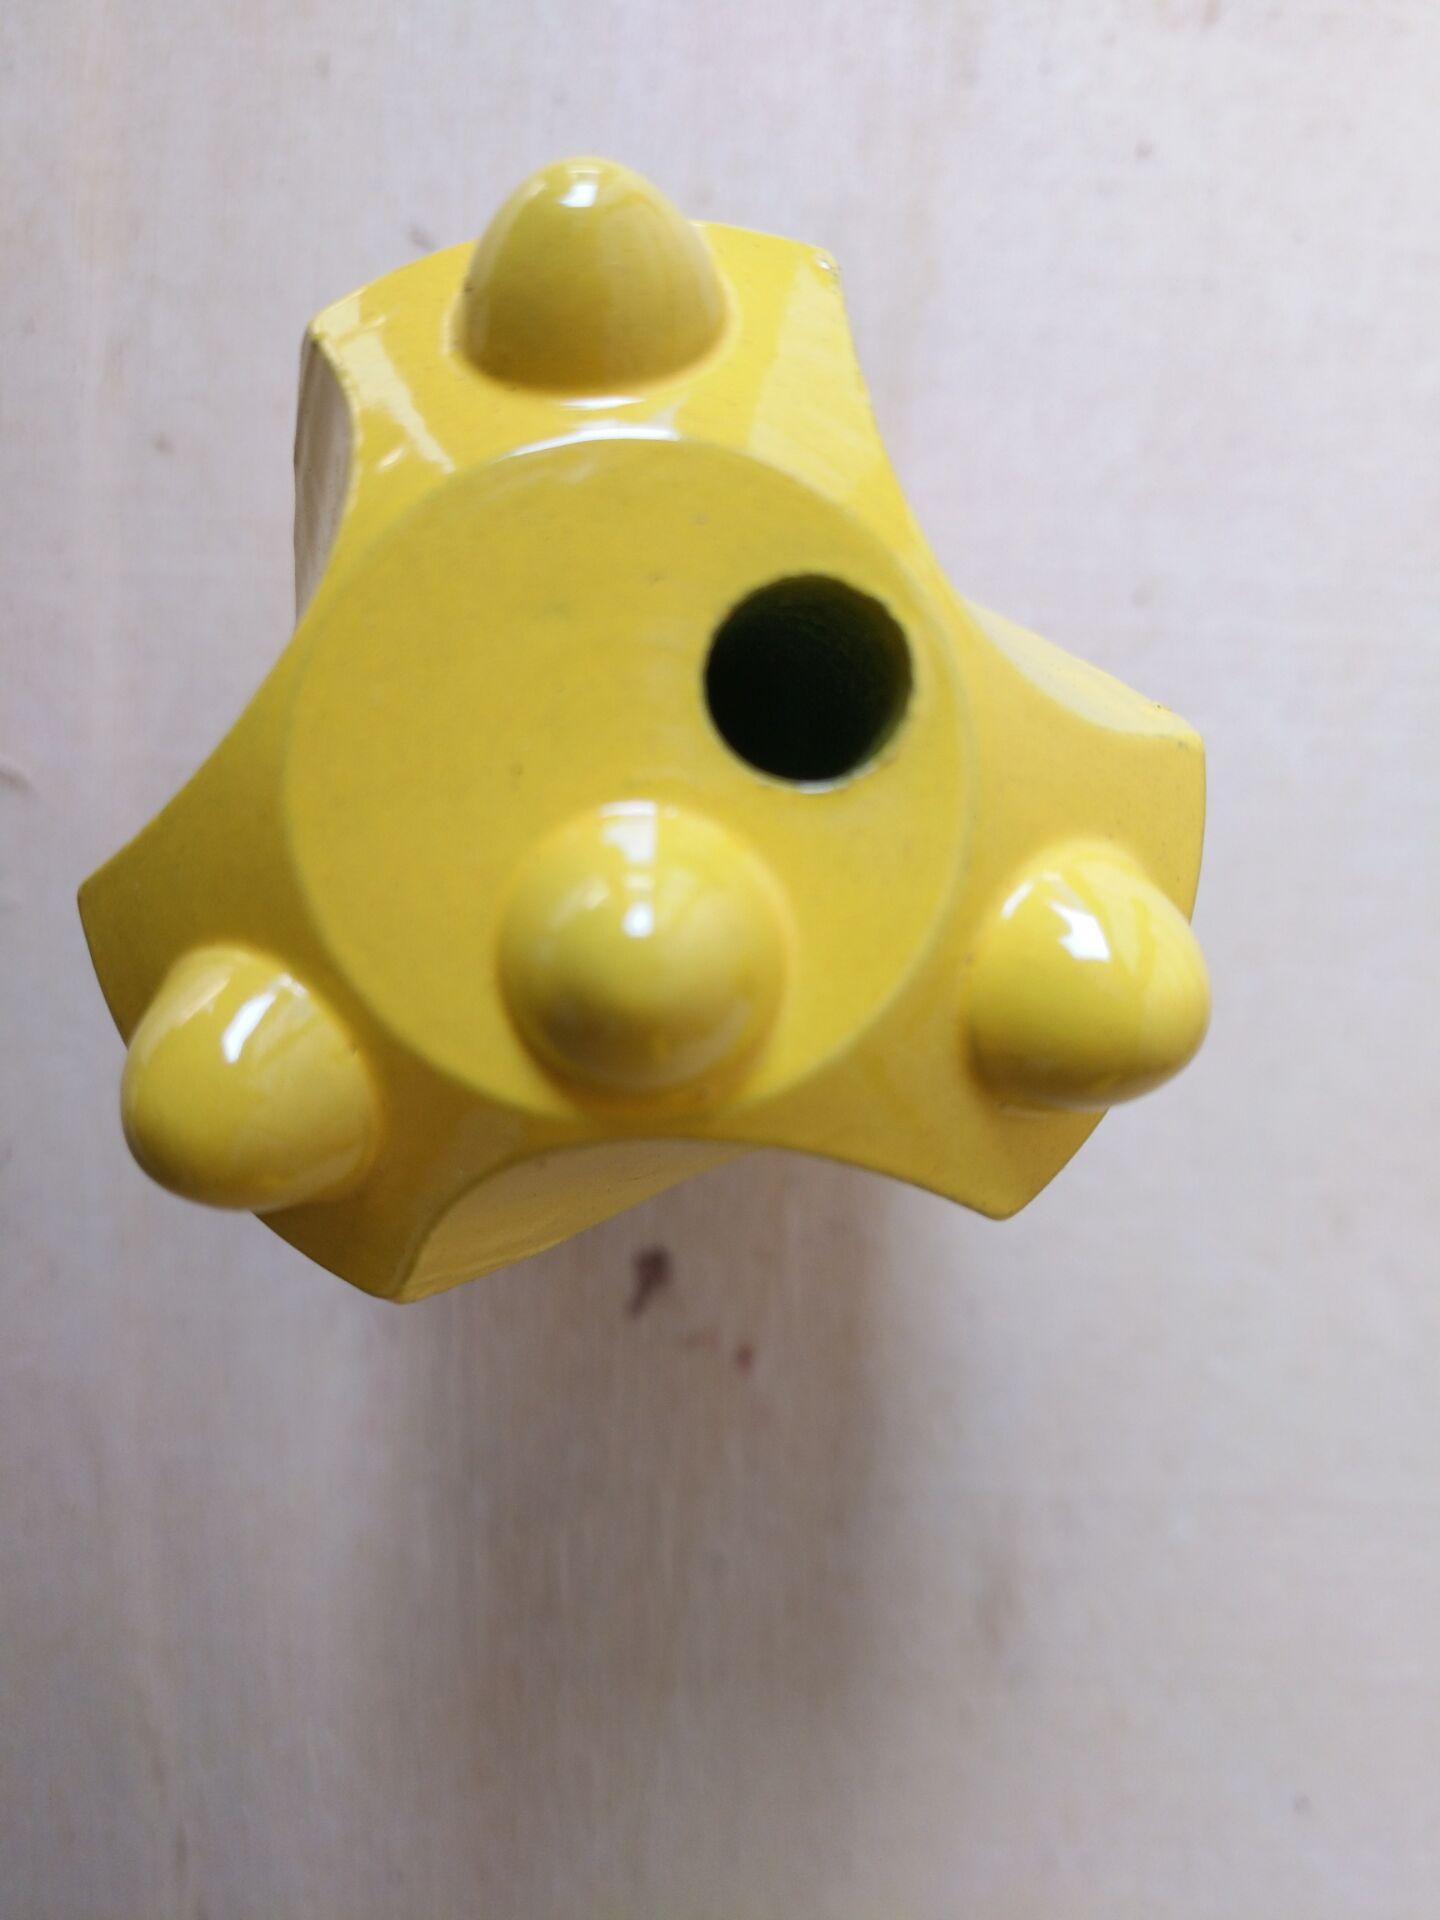 锥度球齿钻头生产厂家-三通钎具提供专业的锥度球齿钻头